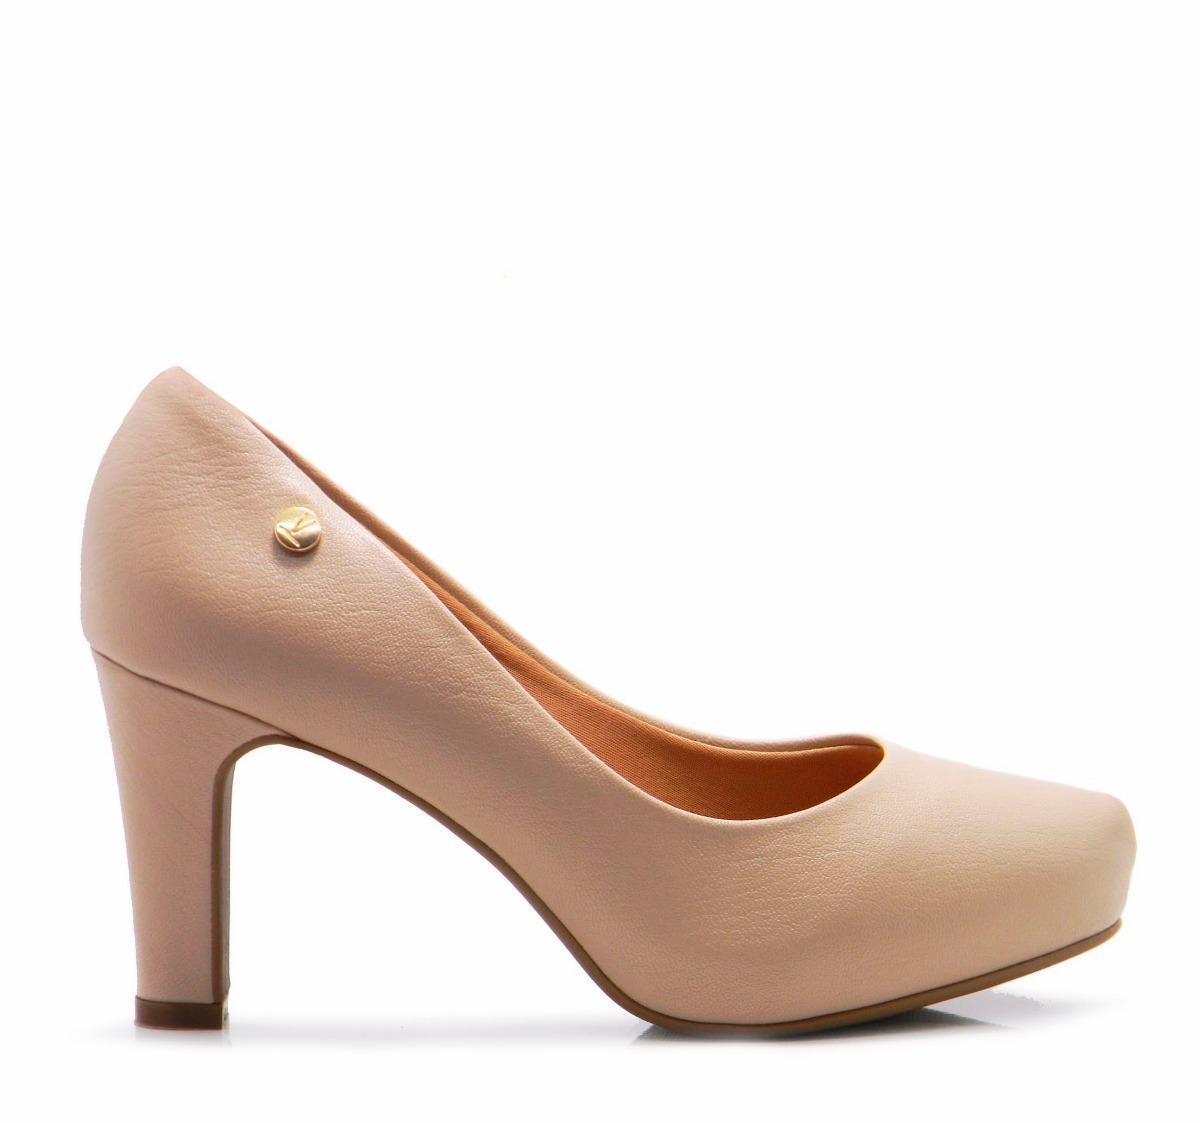 Cerrados Stiletto Beige Vizzano 2018 Mujer Zapato Moda Taco Yf76ymIbgv